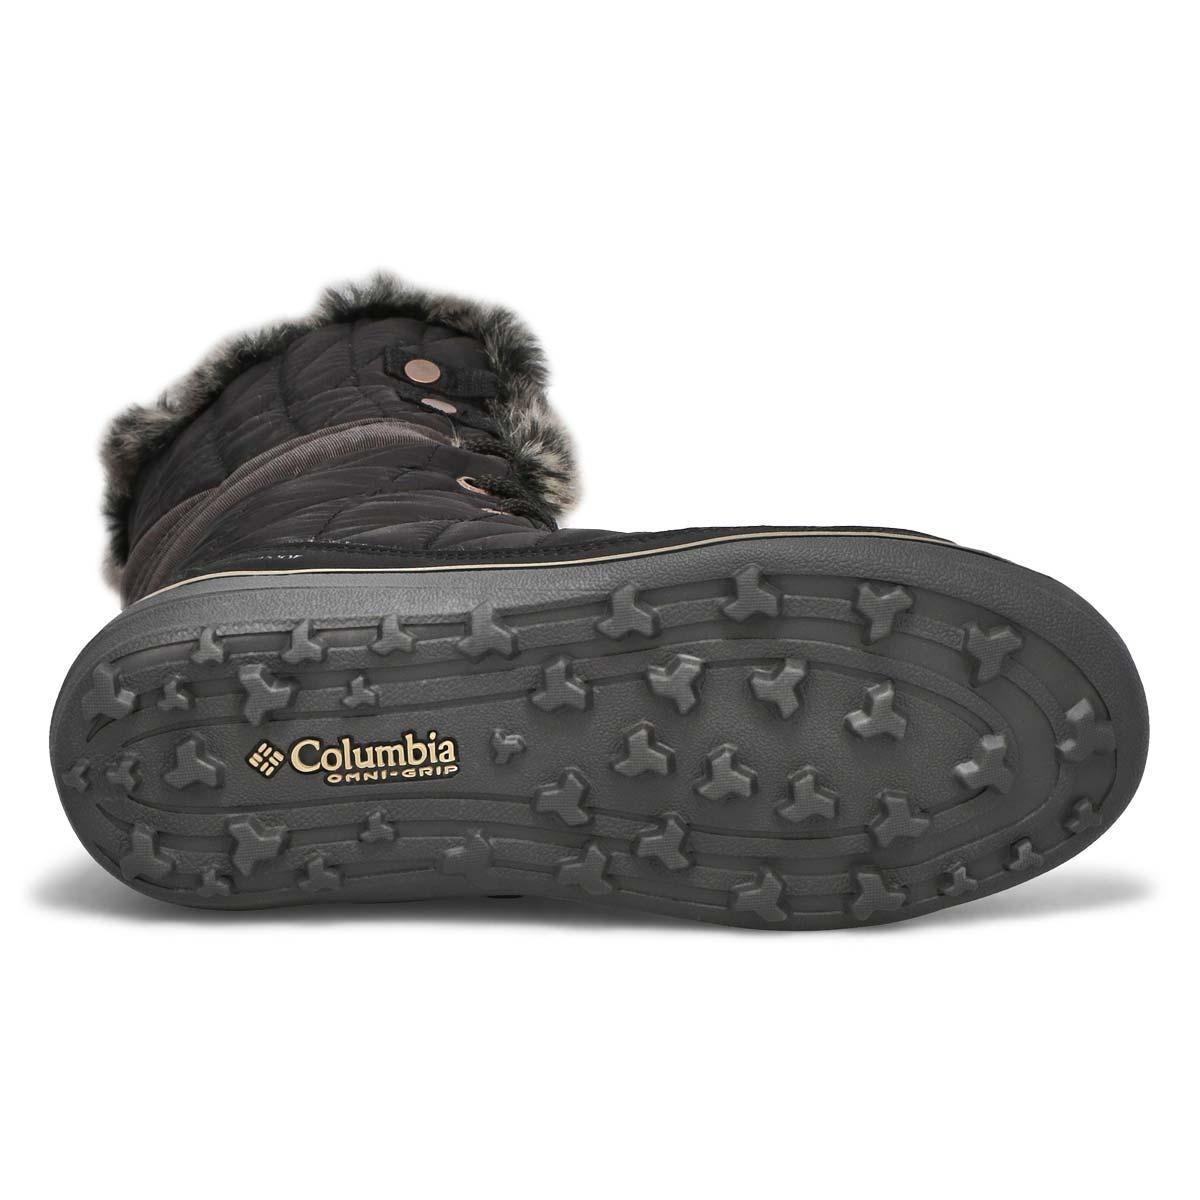 Lds Heavenly Omni Heat blk snow boot